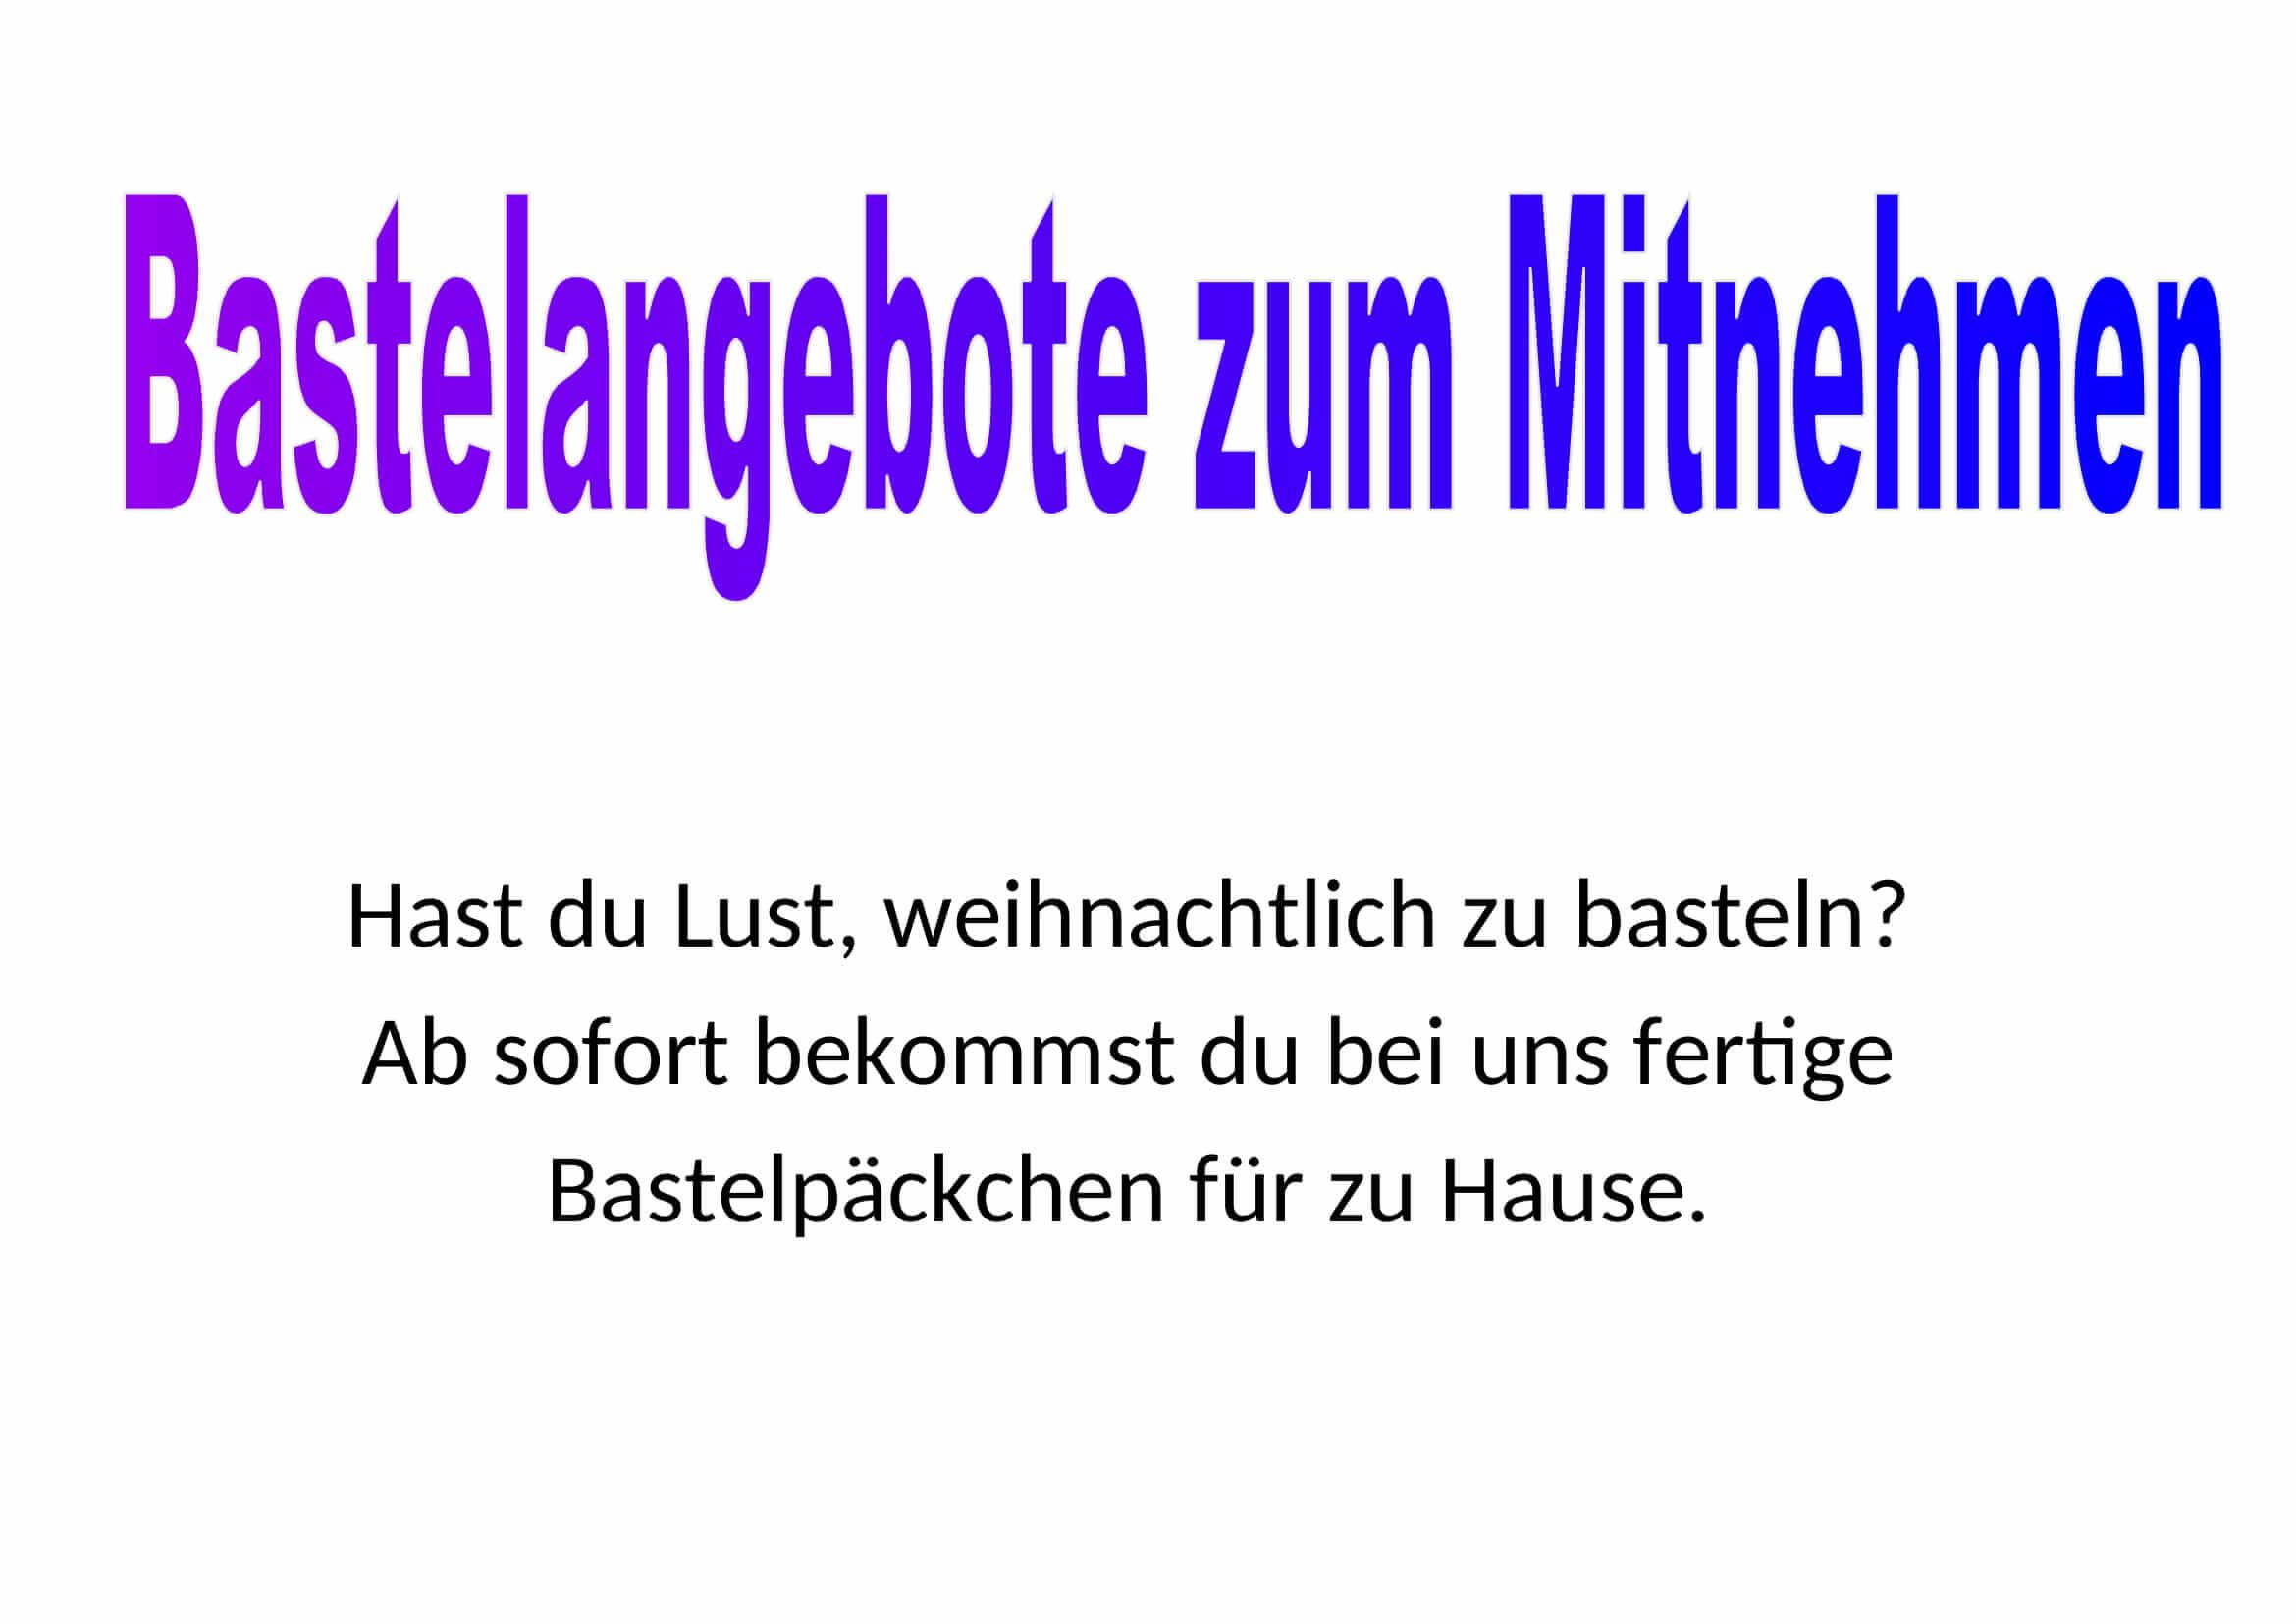 basteln.zum.mitnehmen